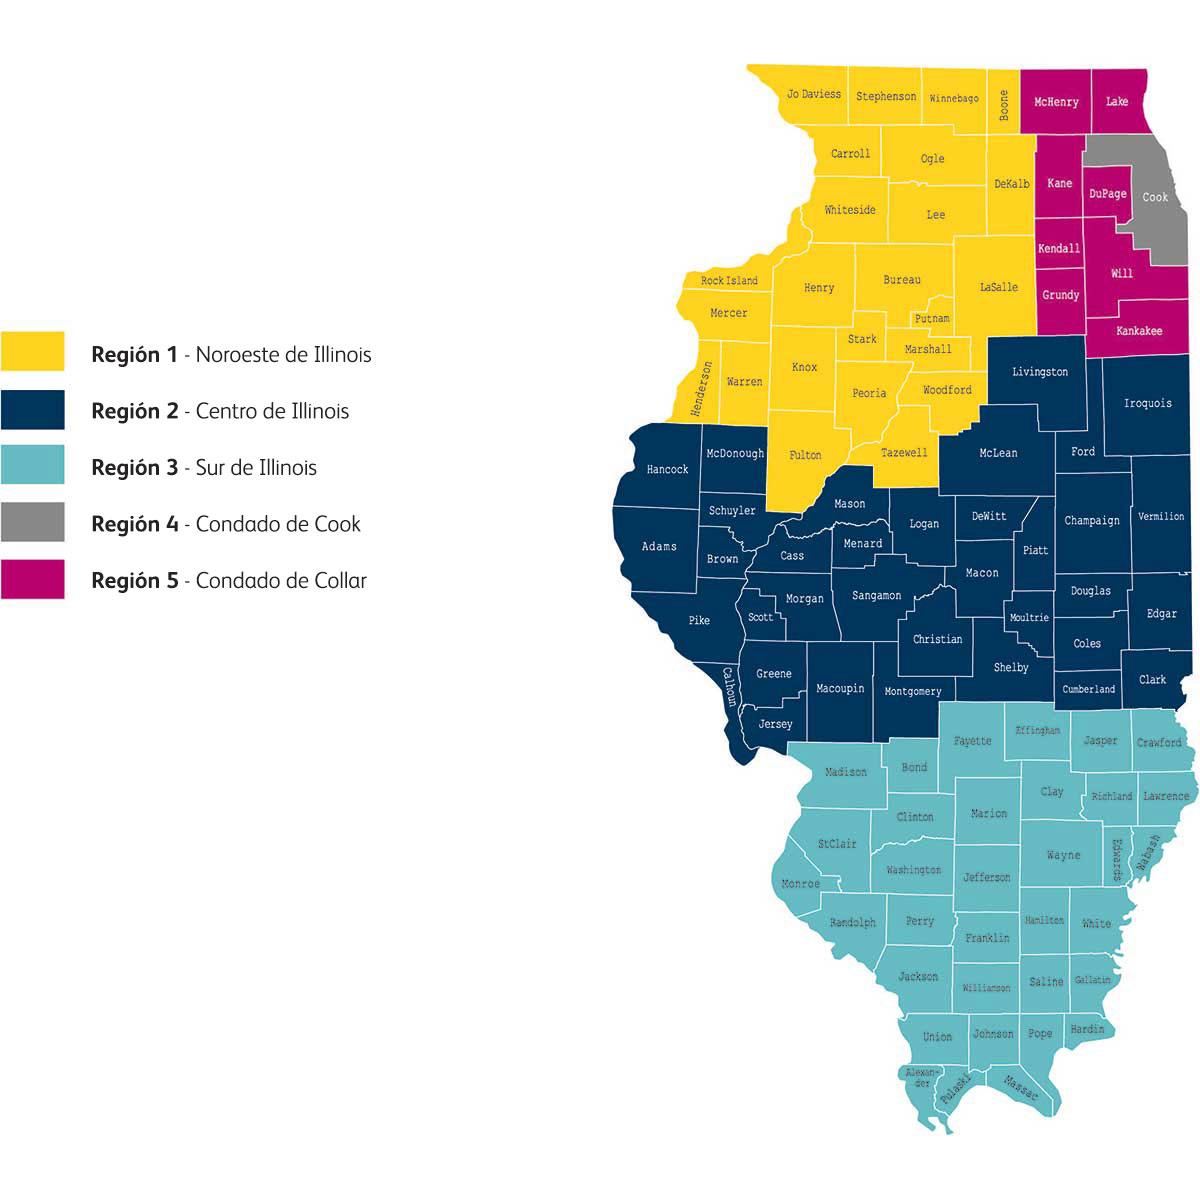 Mapa de las regiones de Illinois] [alt text: mapa de las regiones de Illinois cubiertas de Humana Medicaid